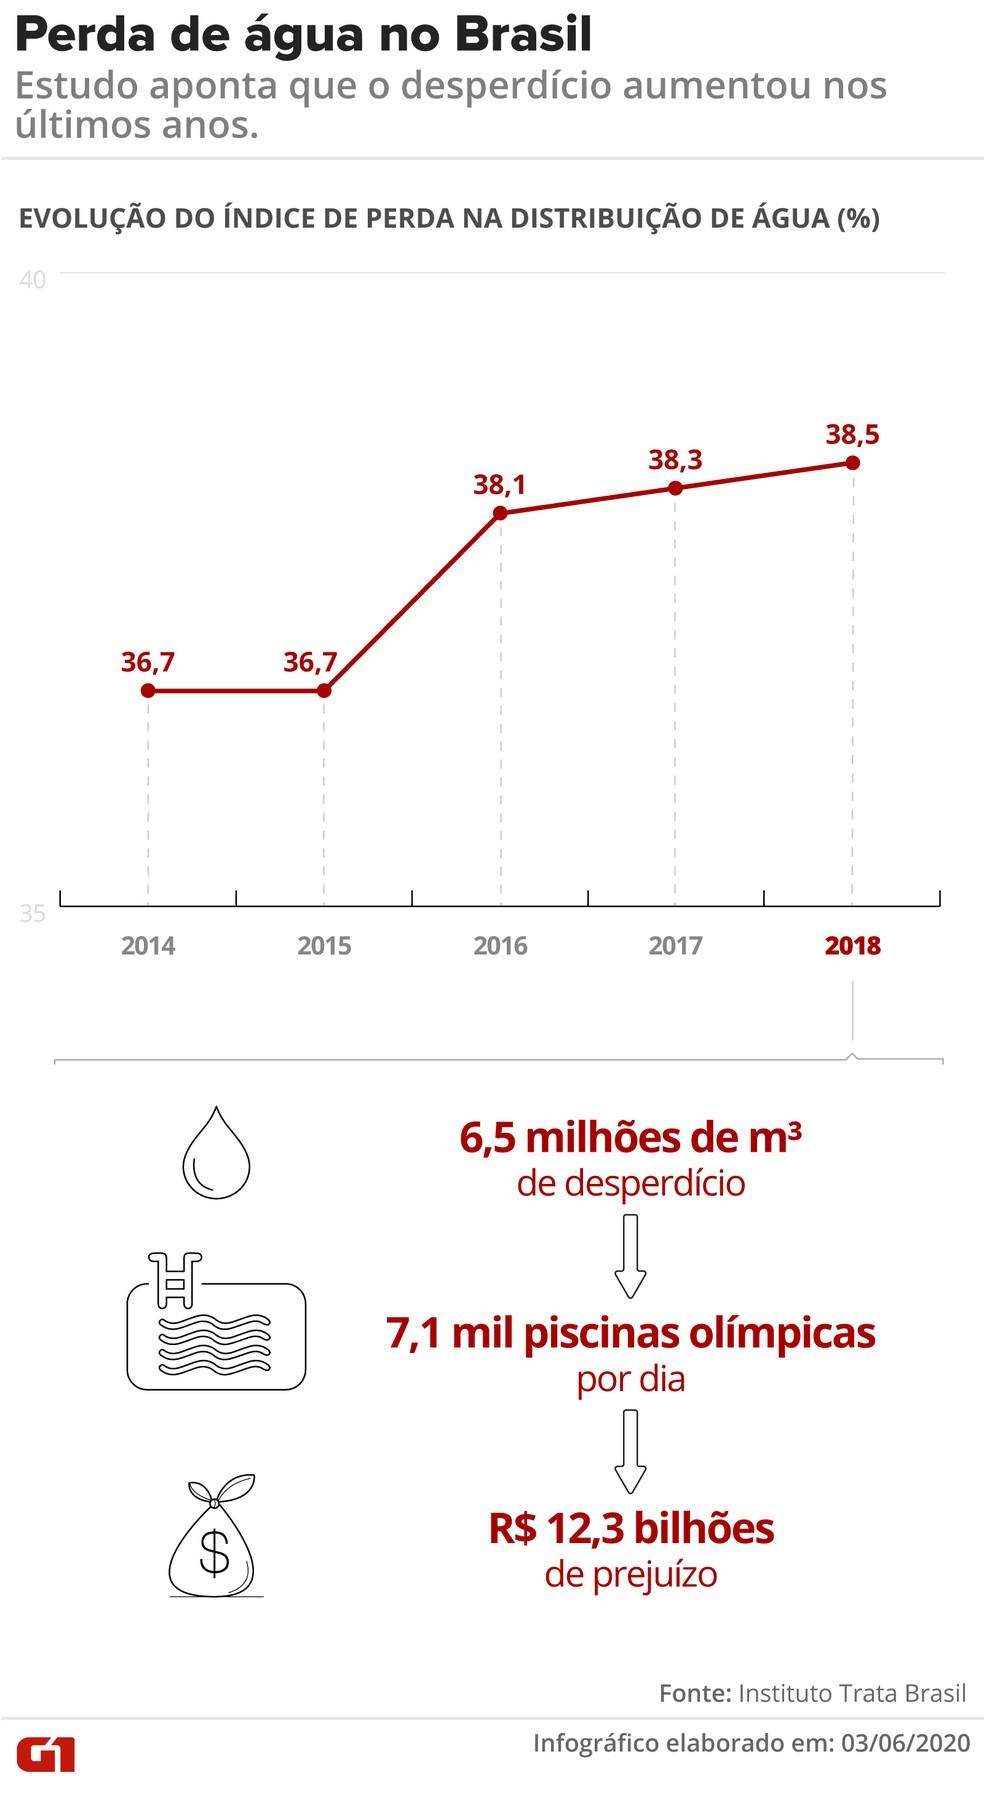 Estudo aponta que o desperdício de água aumentou nos últimos anos no Brasil — Foto: Fernanda Garrafiel / Arte